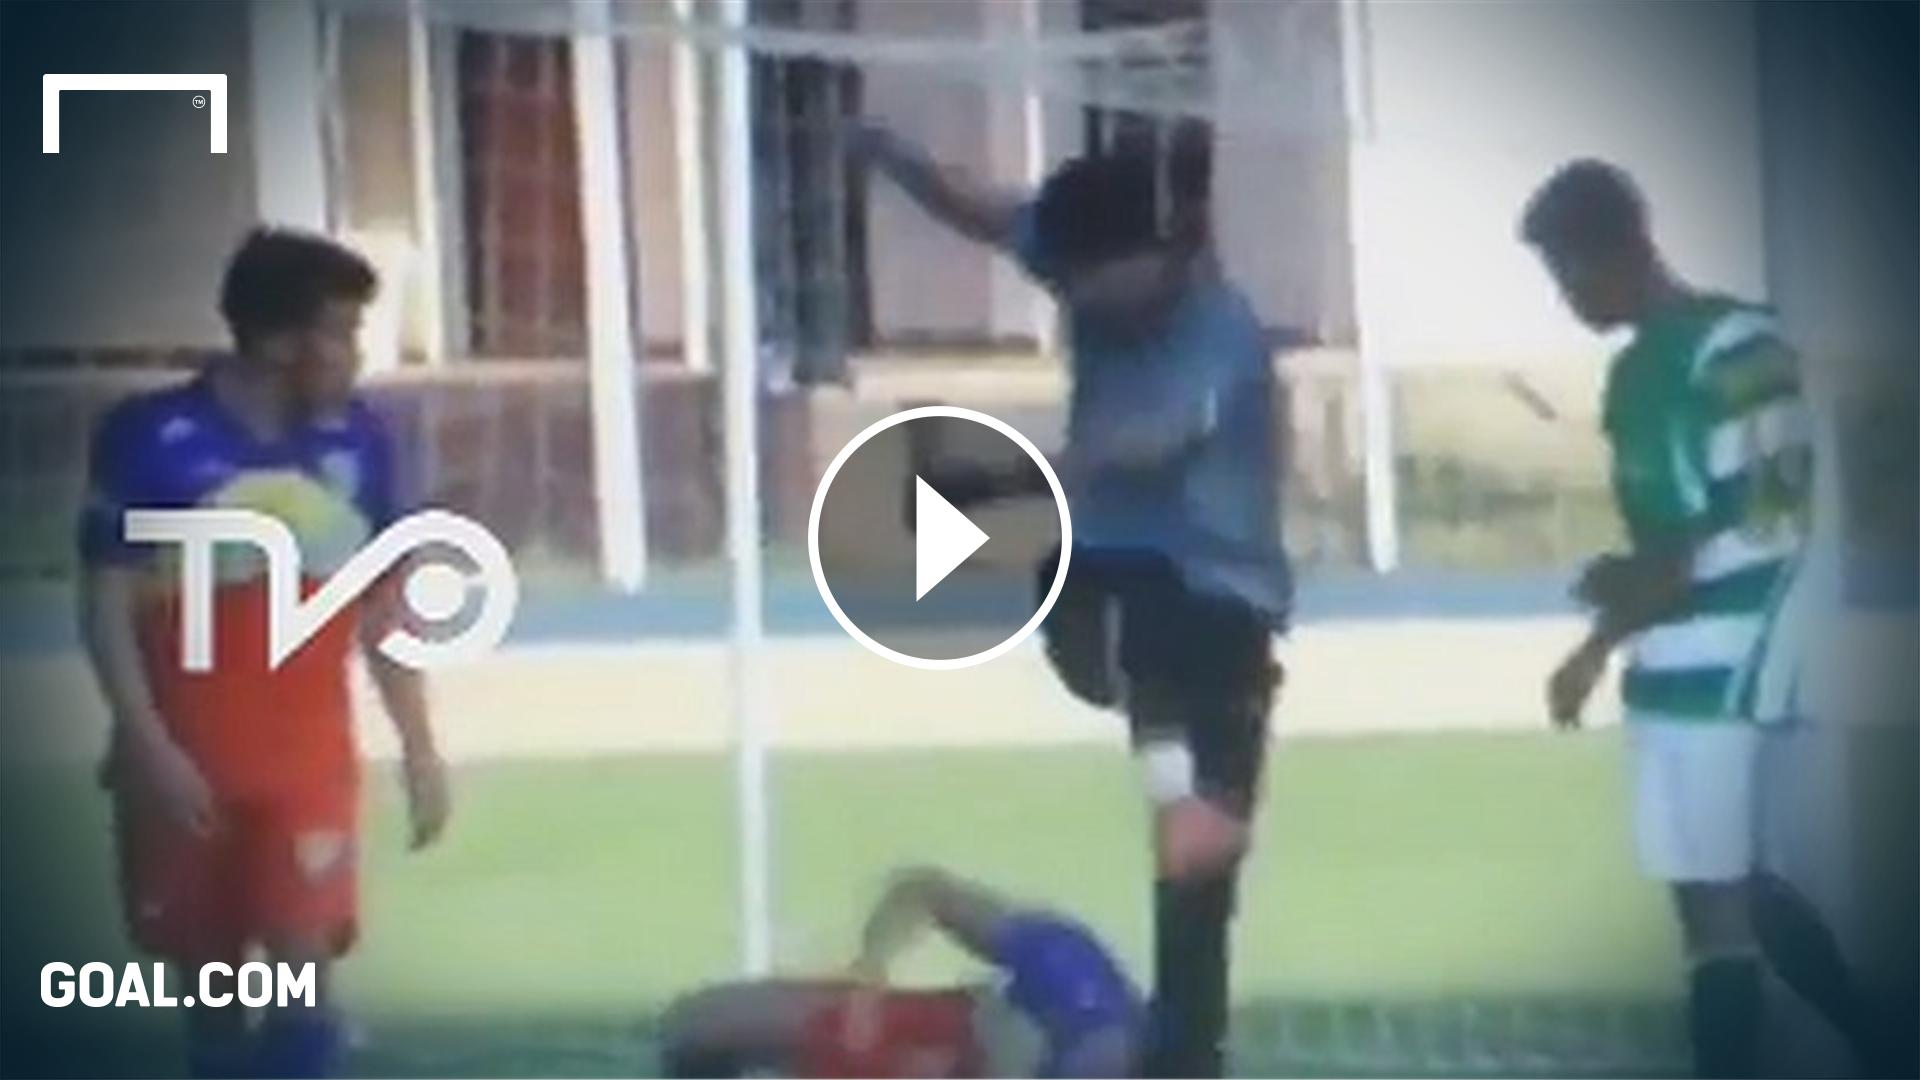 La dura agresión que conmociona la Tercera División chilena